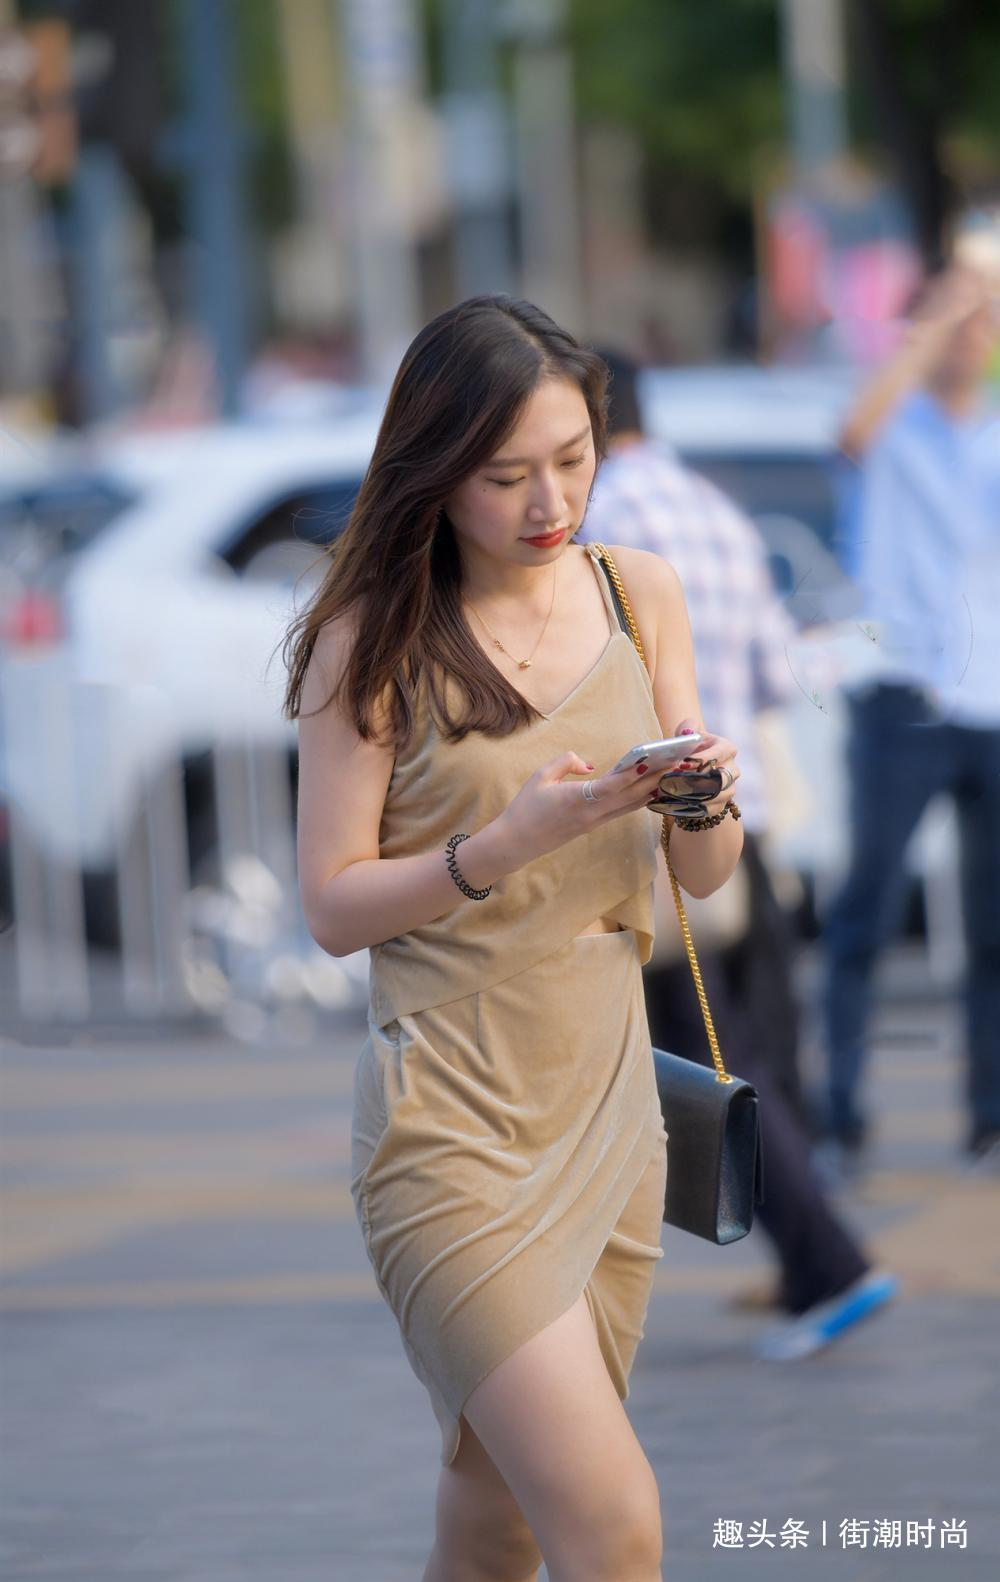 街拍:吊带连衣裙的美丽女士,皮肤白皙,长相真好看